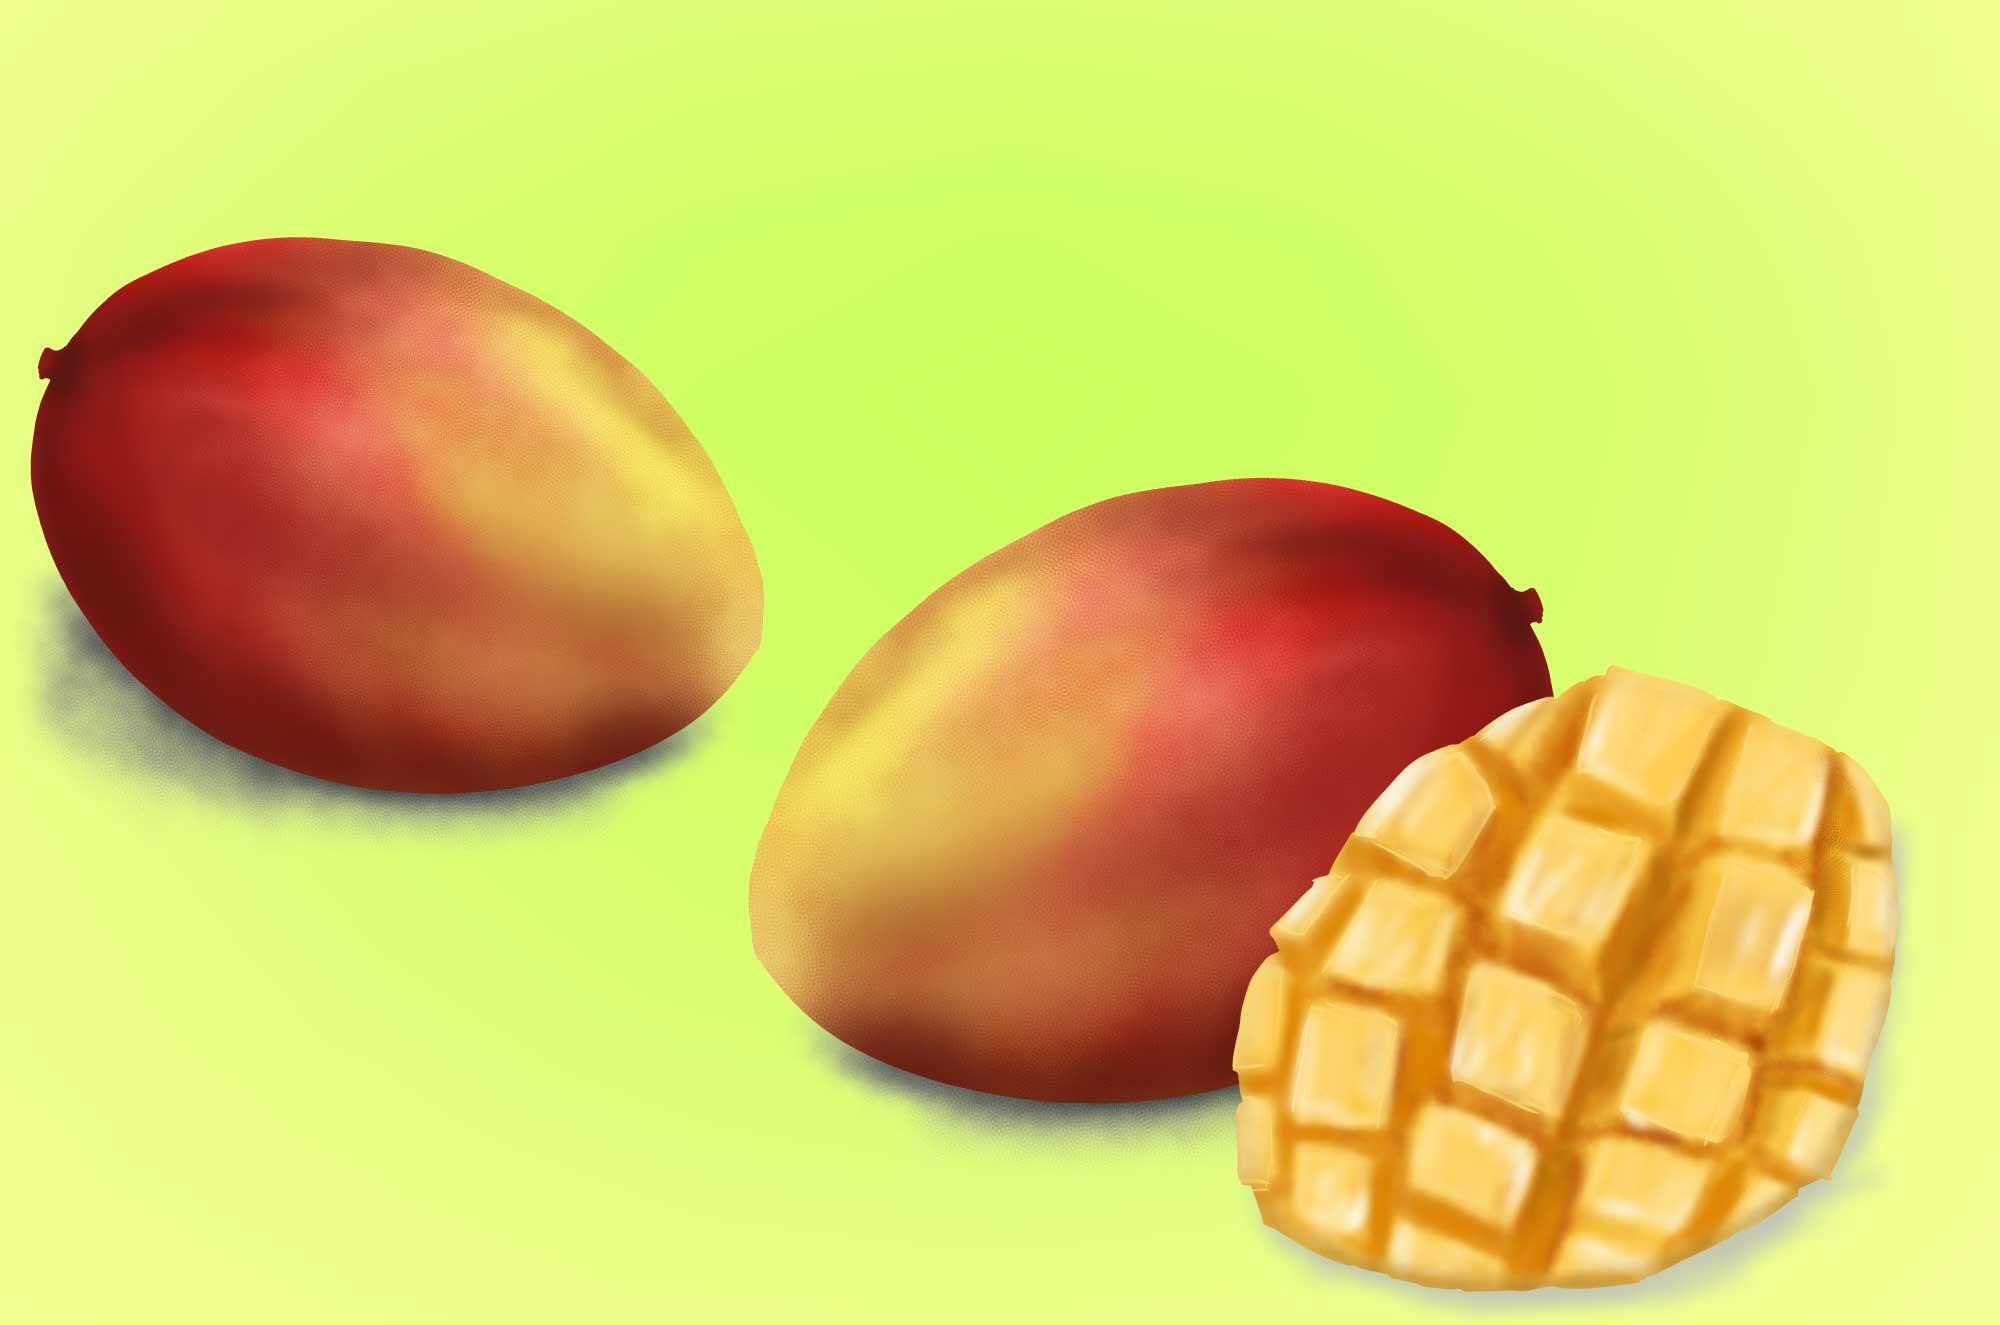 マンゴーの無料イラスト - 美味しそうなフルーツ素材